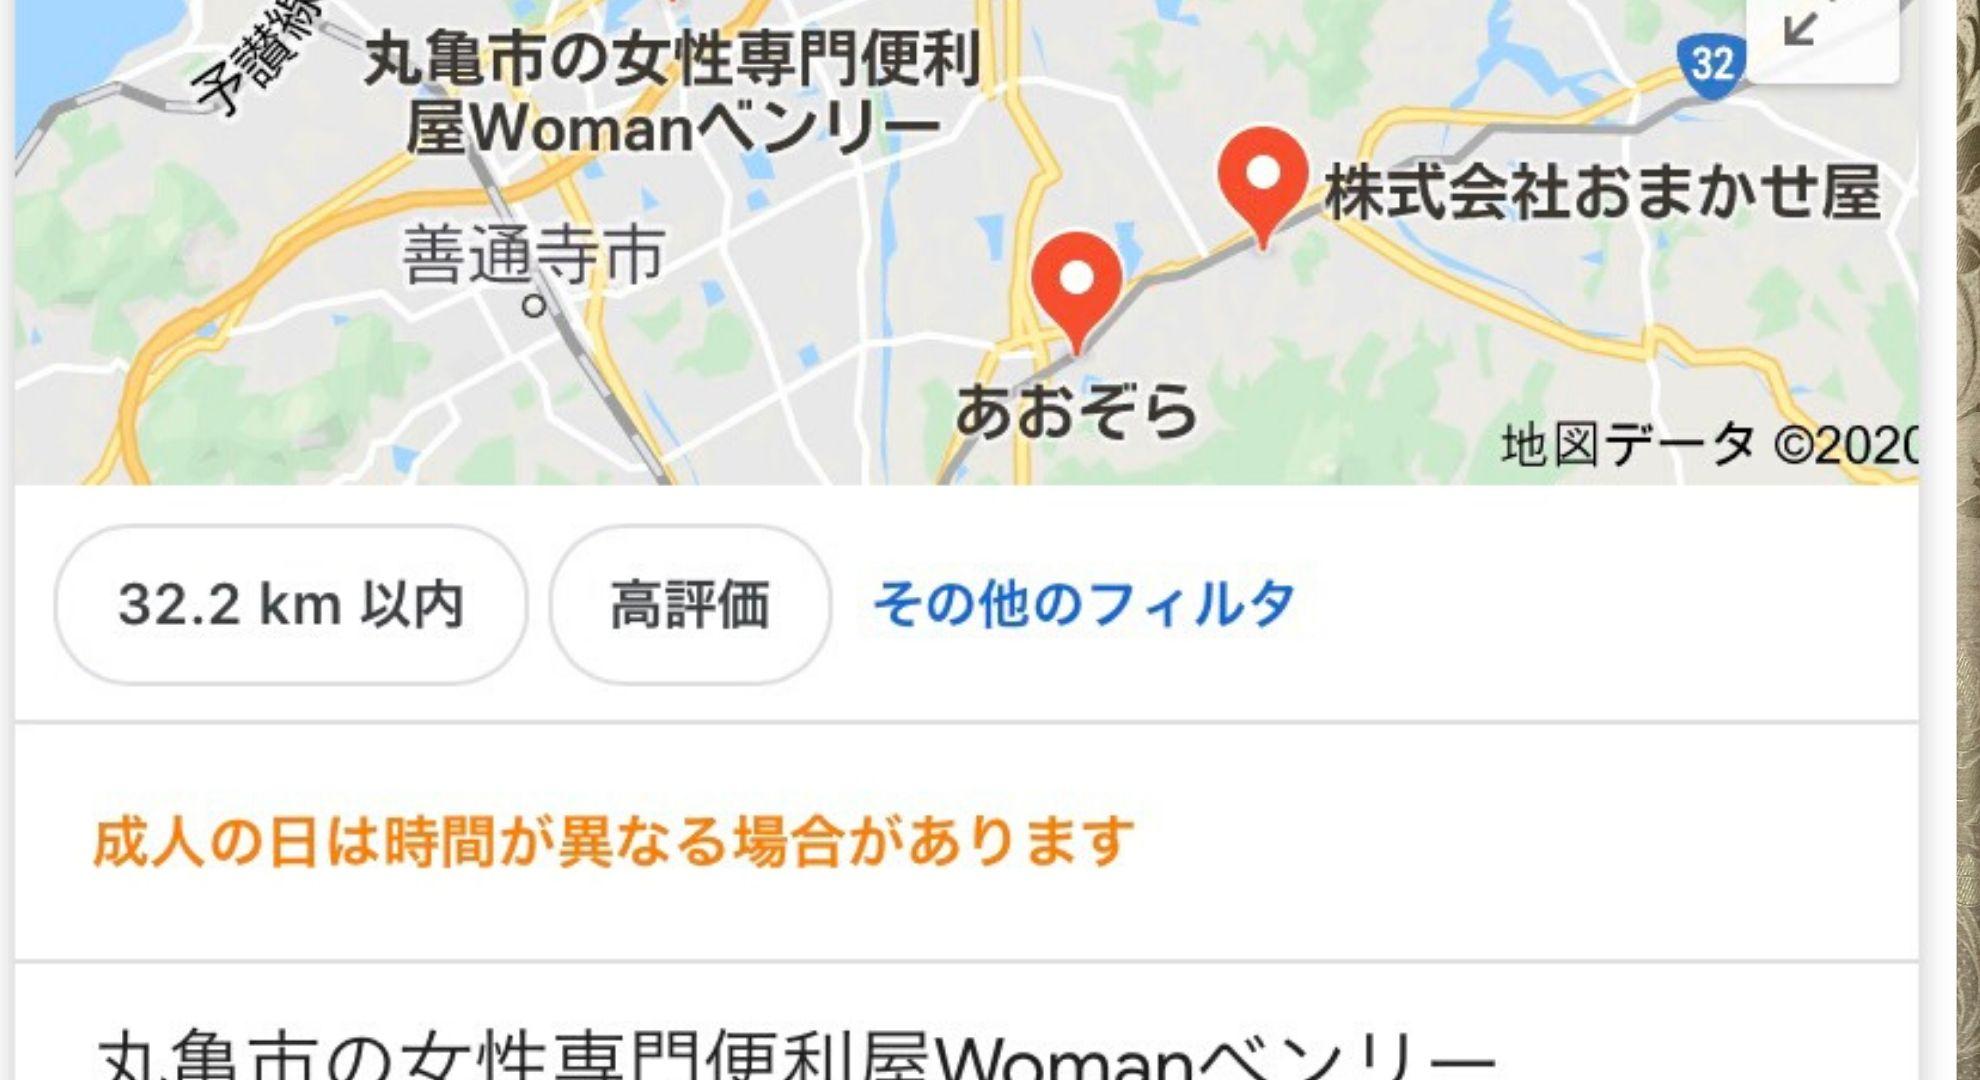 Googleで丸亀市 便利屋とすると…